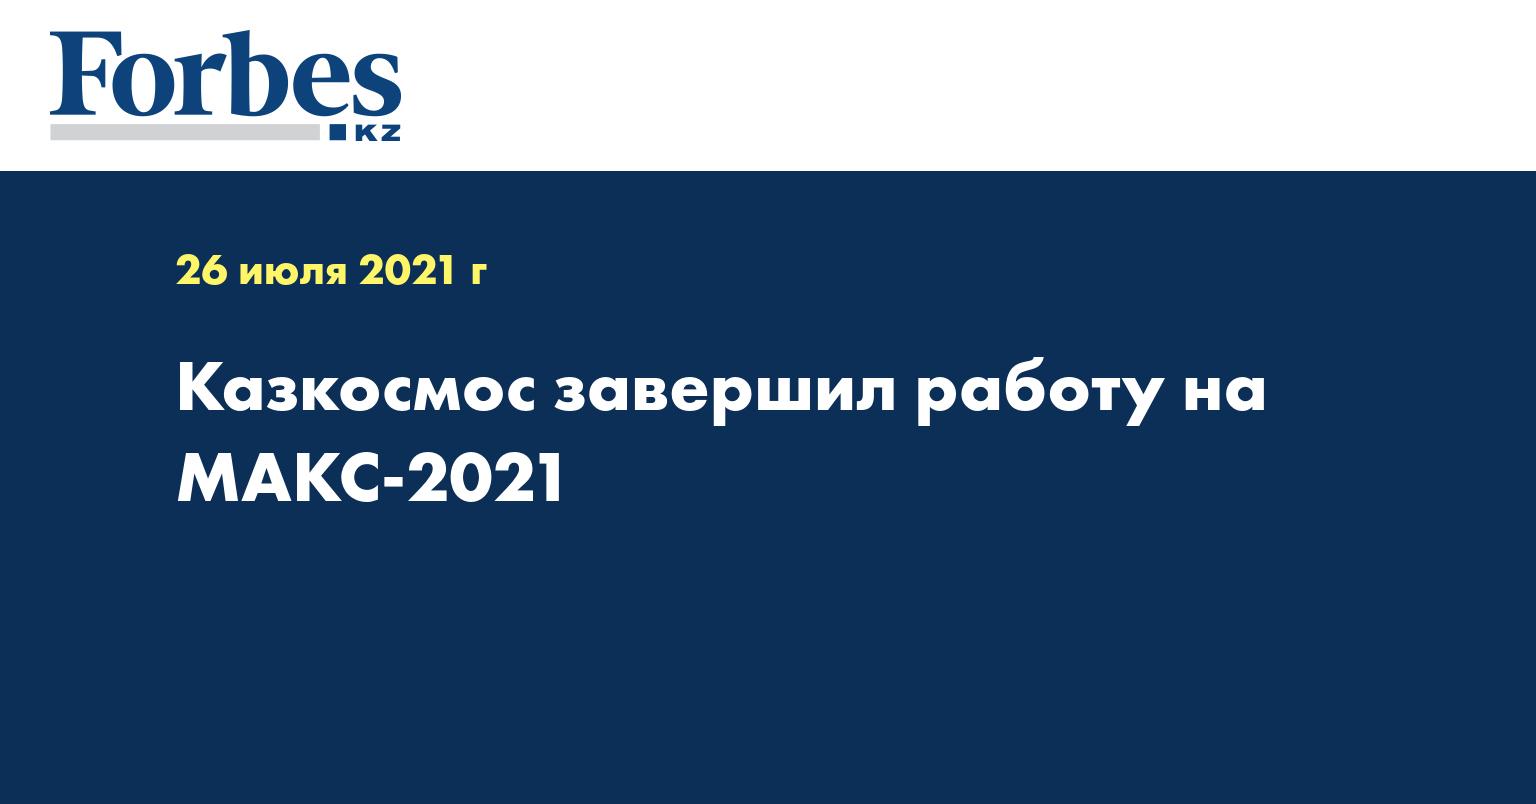 Казкосмос завершил работу на МАКС-2021